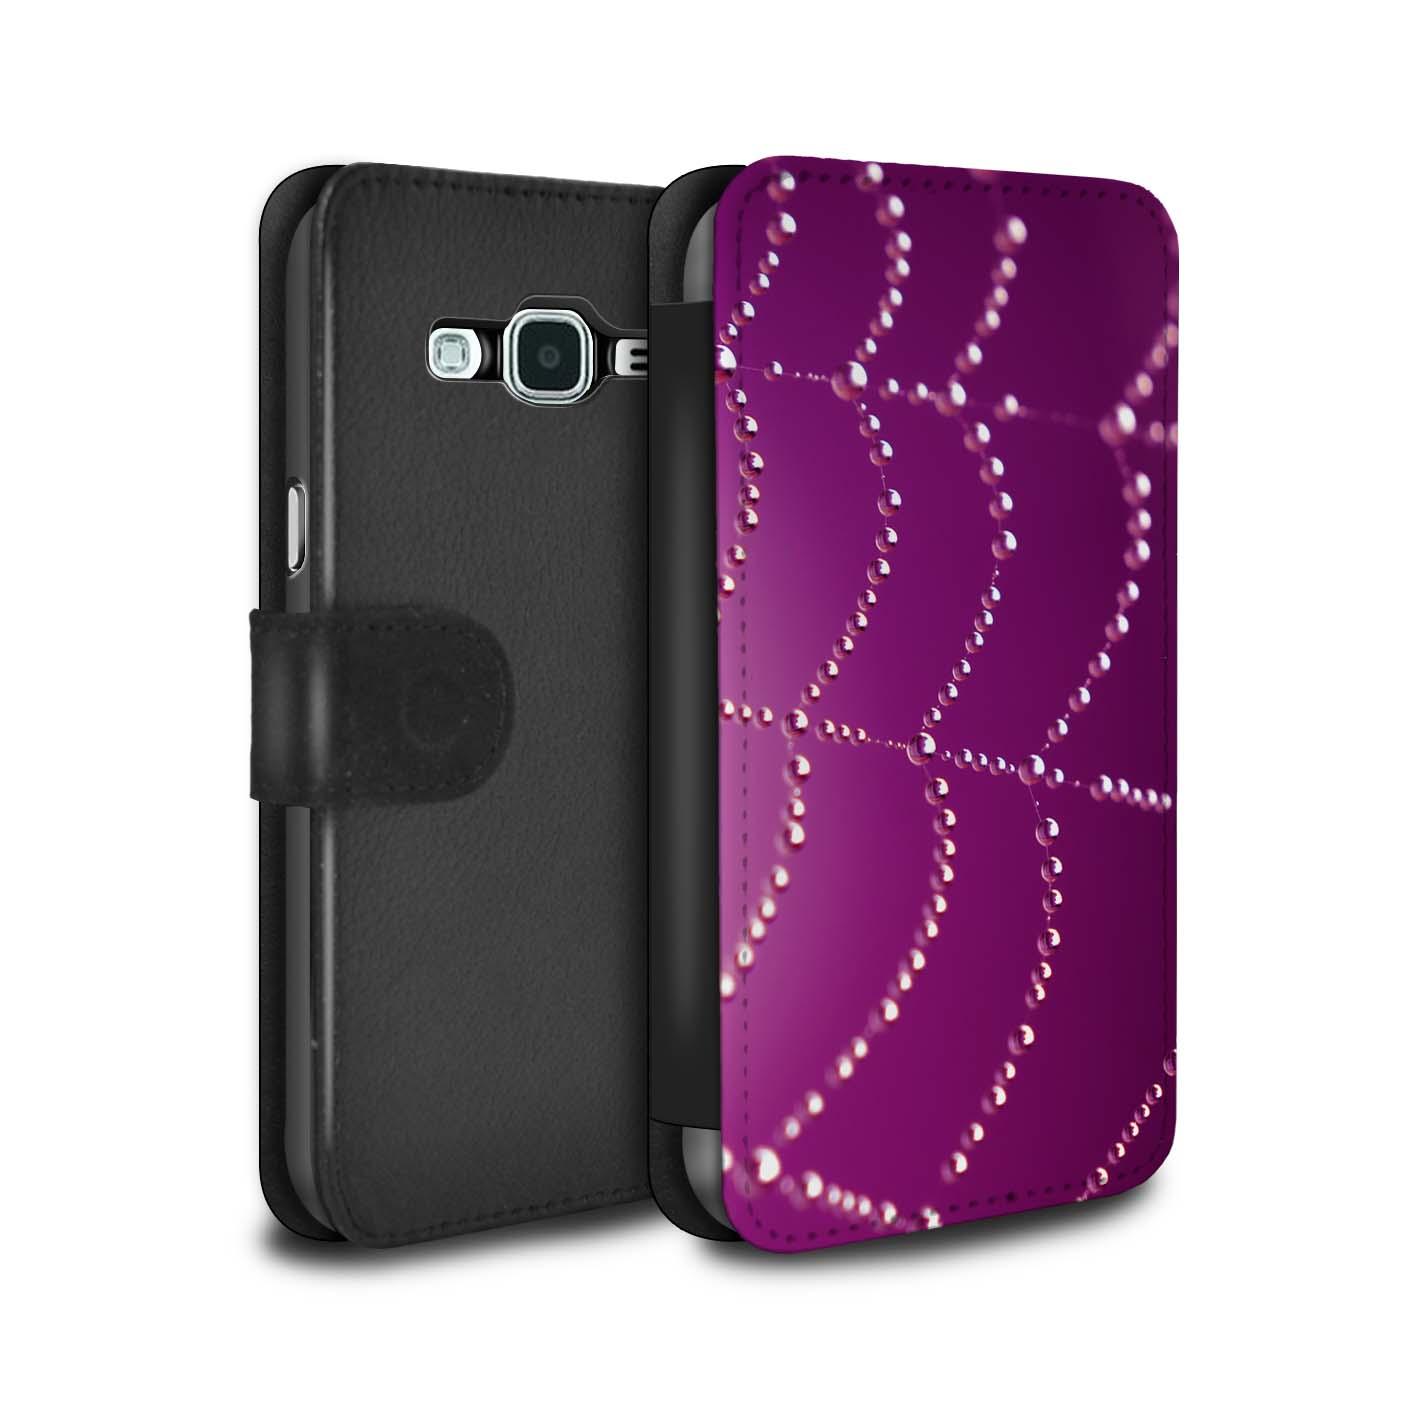 Coque-Etui-Case-Cuir-PU-pour-Samsung-Galaxy-J5-2016-Toile-d-039-araignee-Perles